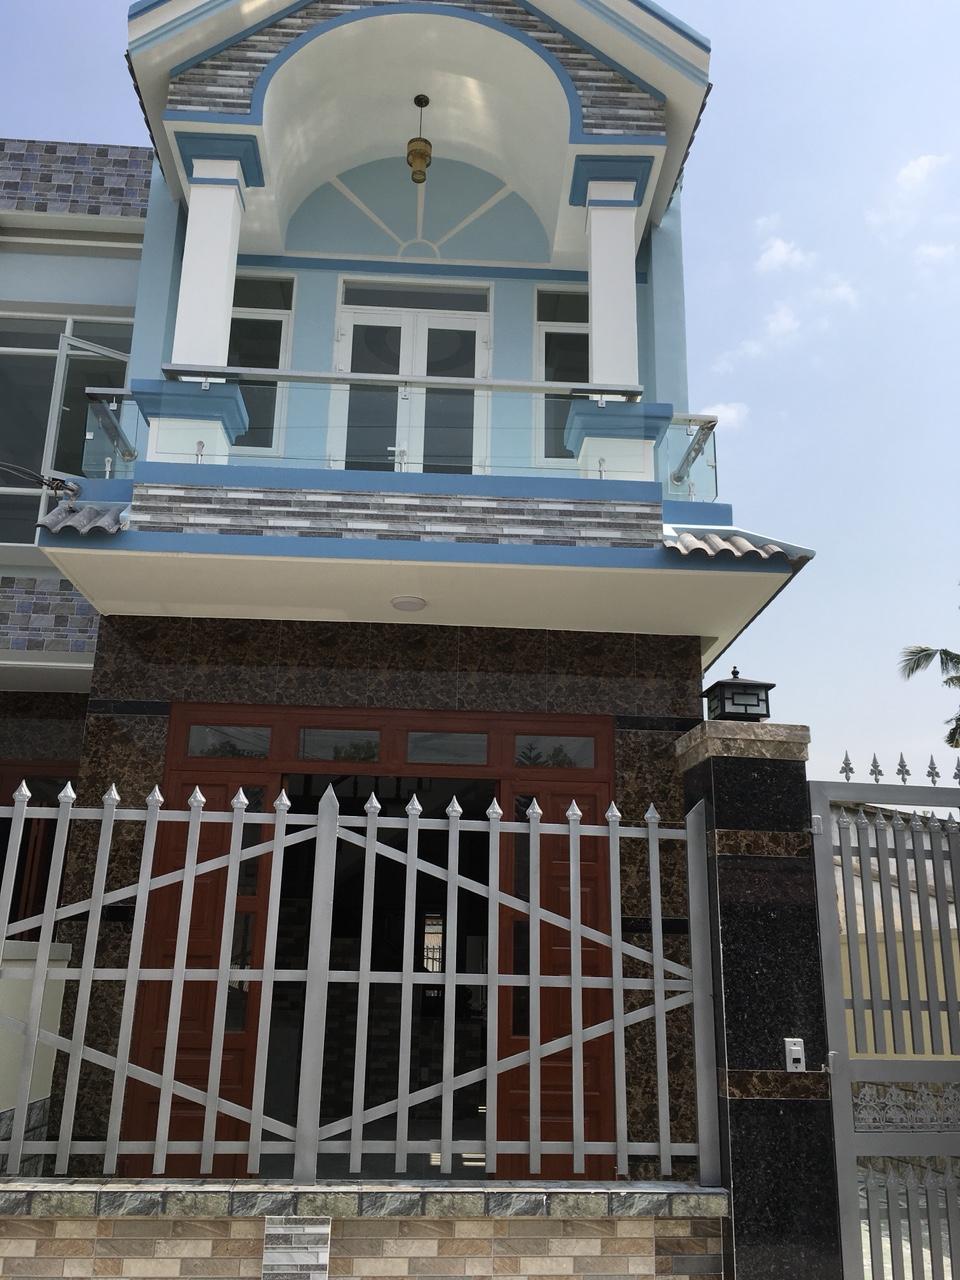 Bán nhà 1 lầu 1 trệt, giá rẻ, gần đường trần hưng đạo,đông hòa,dĩ an,bình dương, 70m,giá 2.25 tỷ